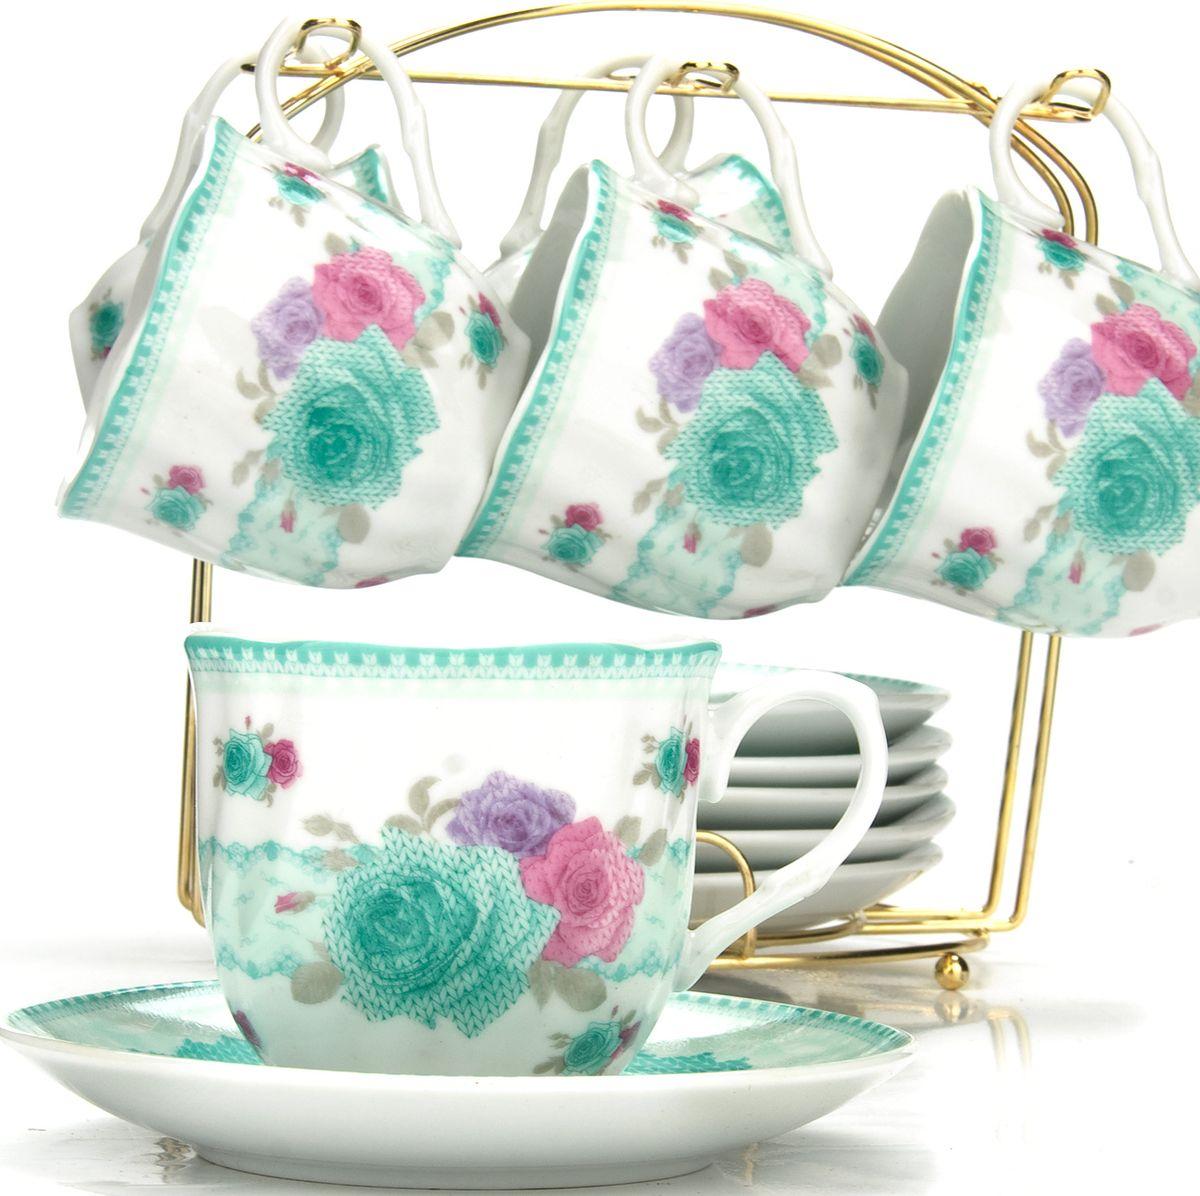 Сервиз чайный Loraine, на подставке, 13 предметов. 4328225938